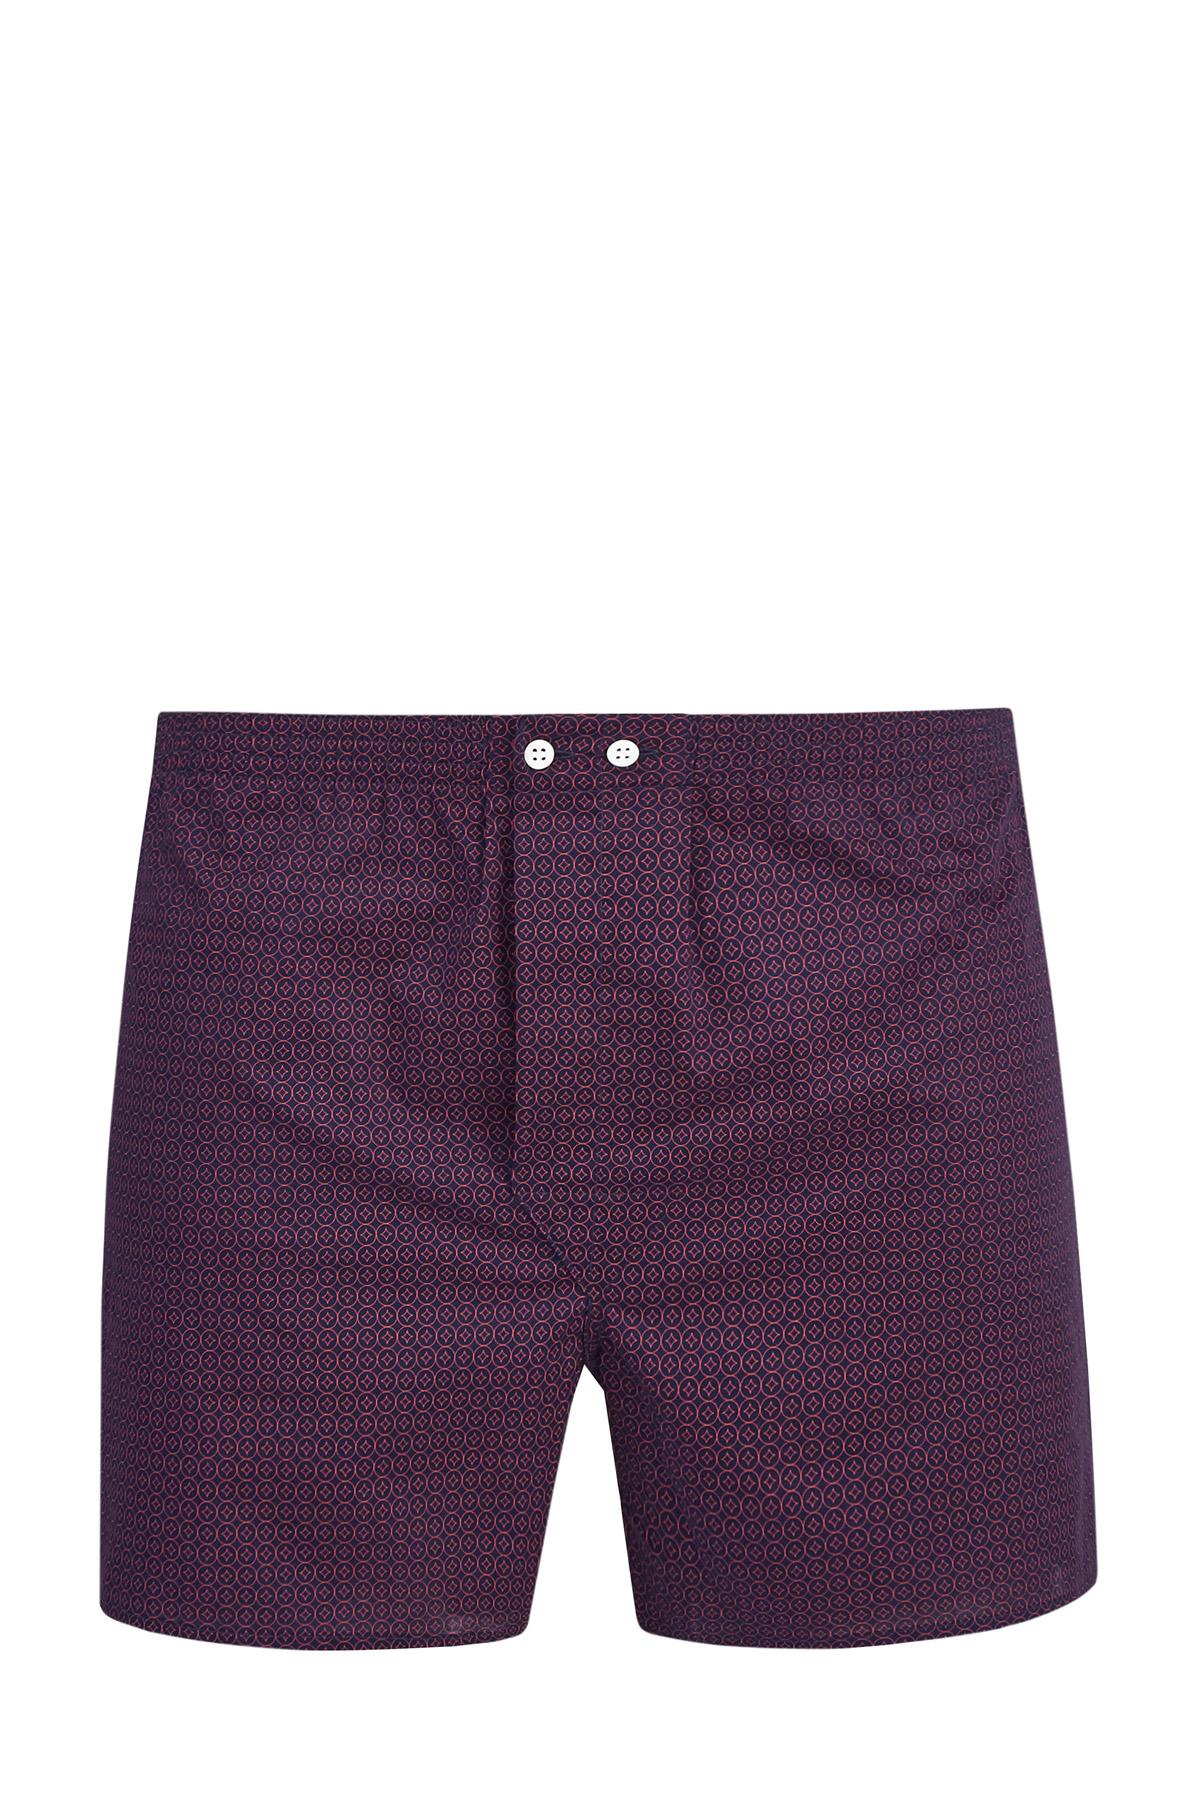 Купить Трусы-шорты из батиста с принтом логотипа бренда, DEREK ROSE, Британия, хлопок 100%